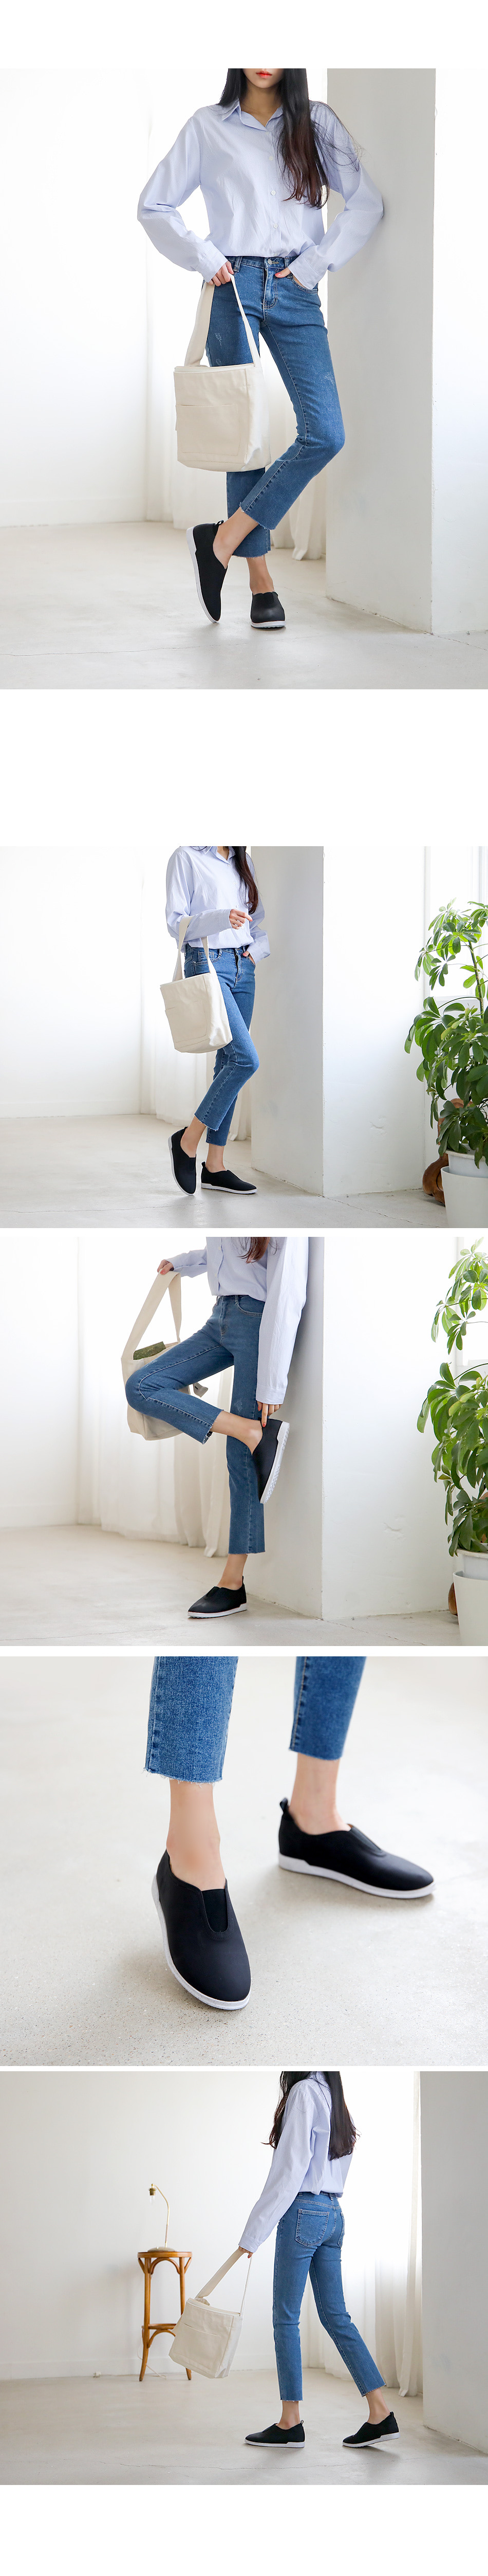 Hellen's Bending Height Slip-On 3cm